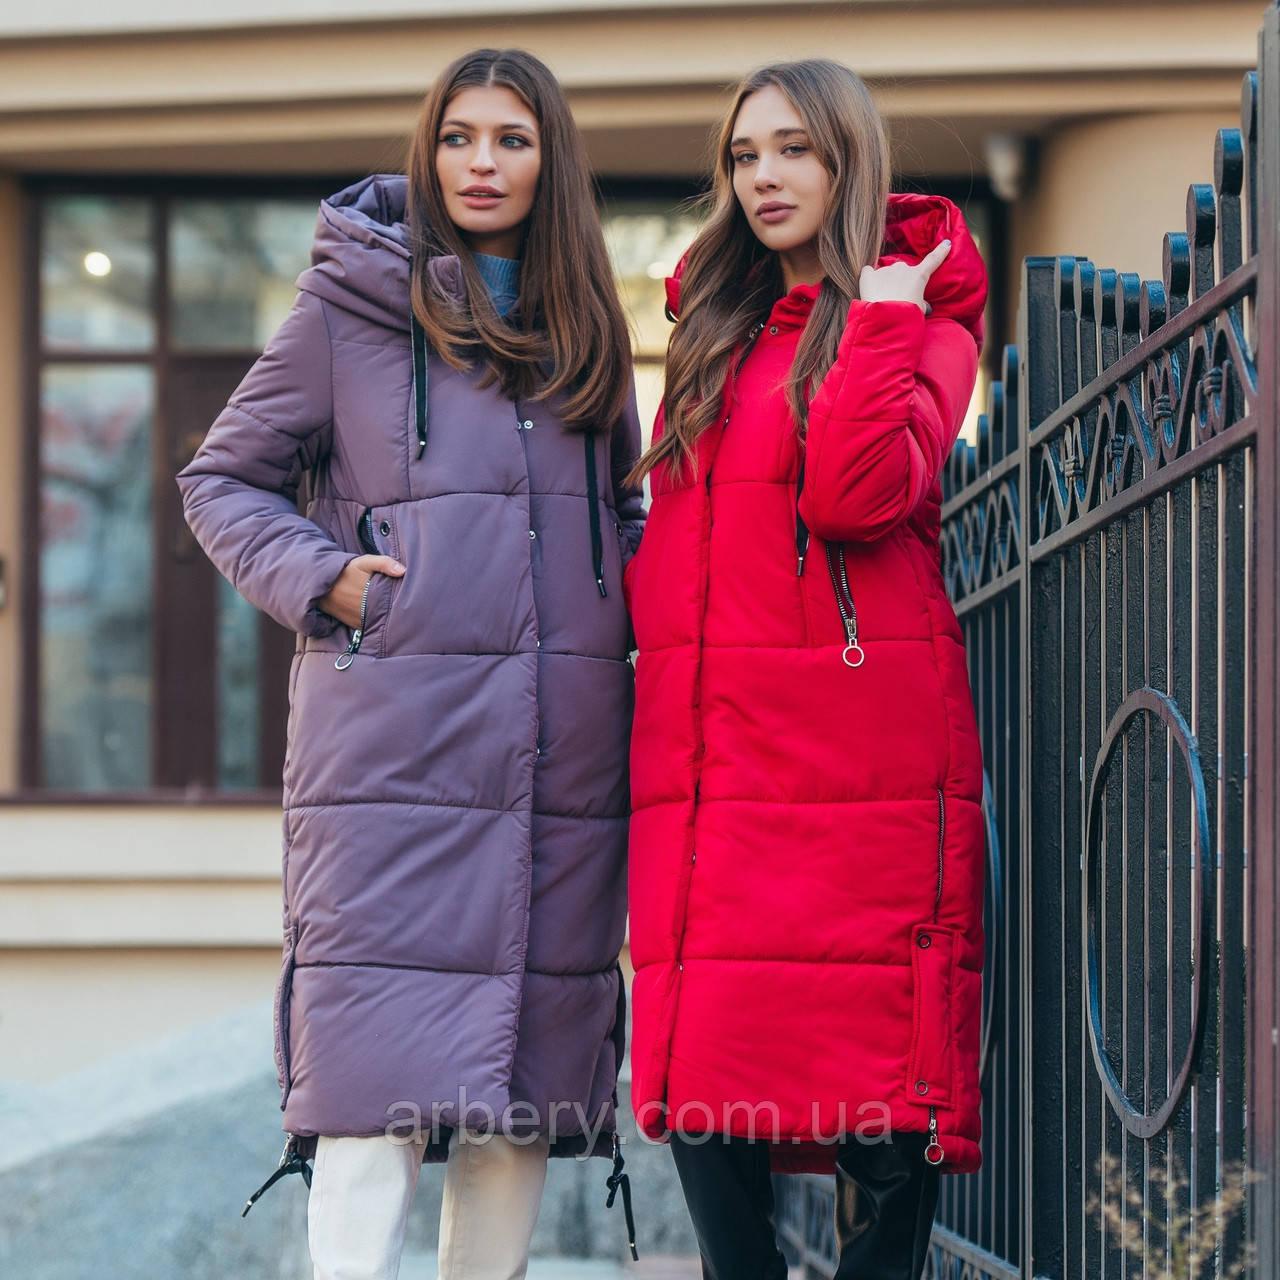 Женская зимняя куртка-пальто на пуху